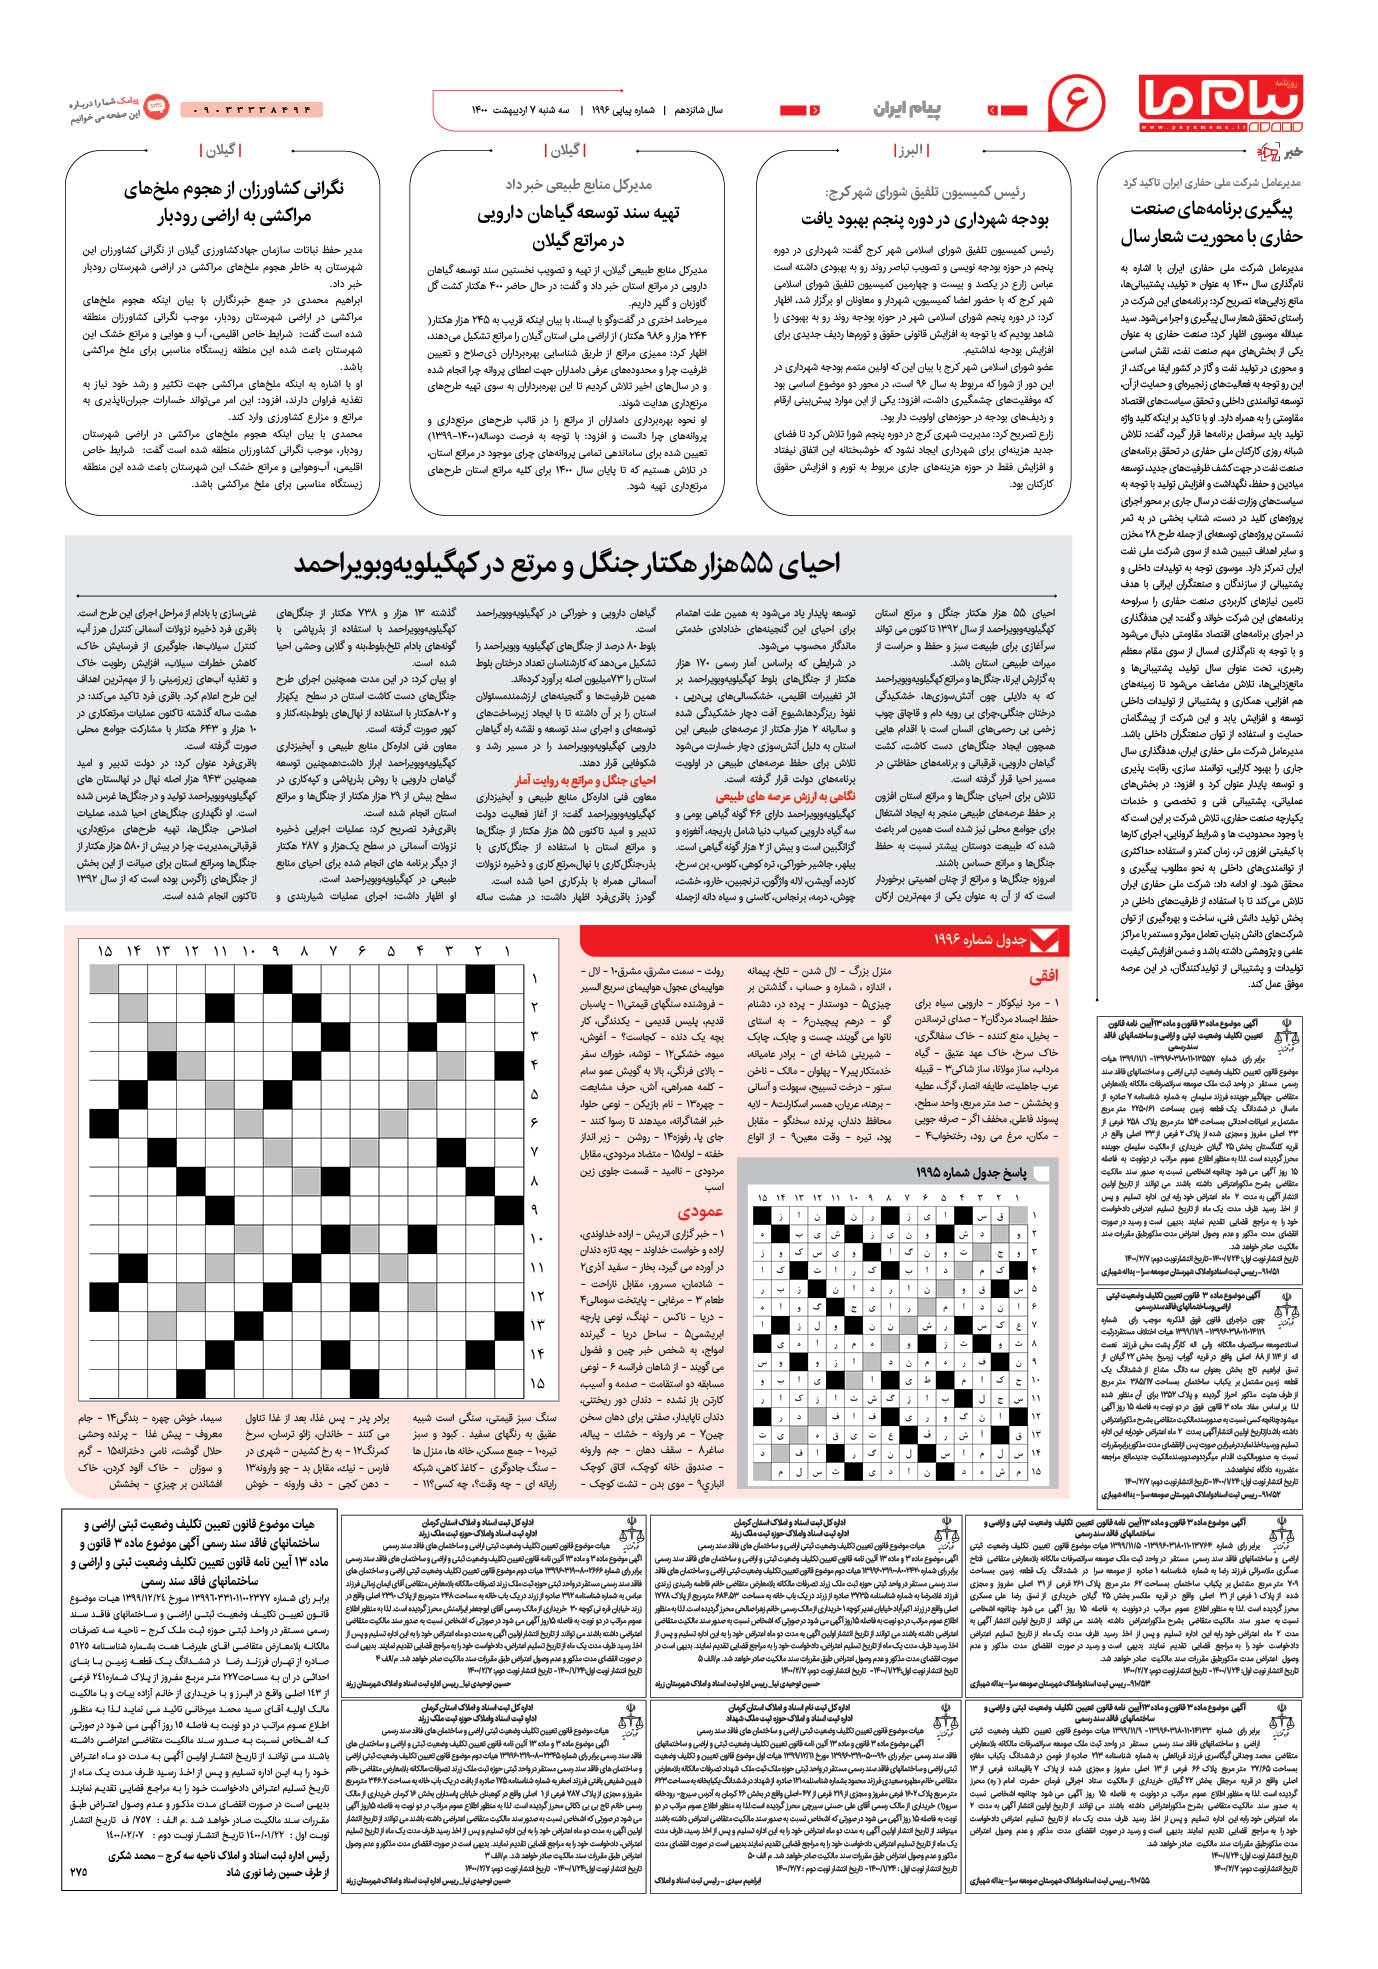 صفحه پیام ایران شماره ۱۹۹۶ روزنامه پیام ما